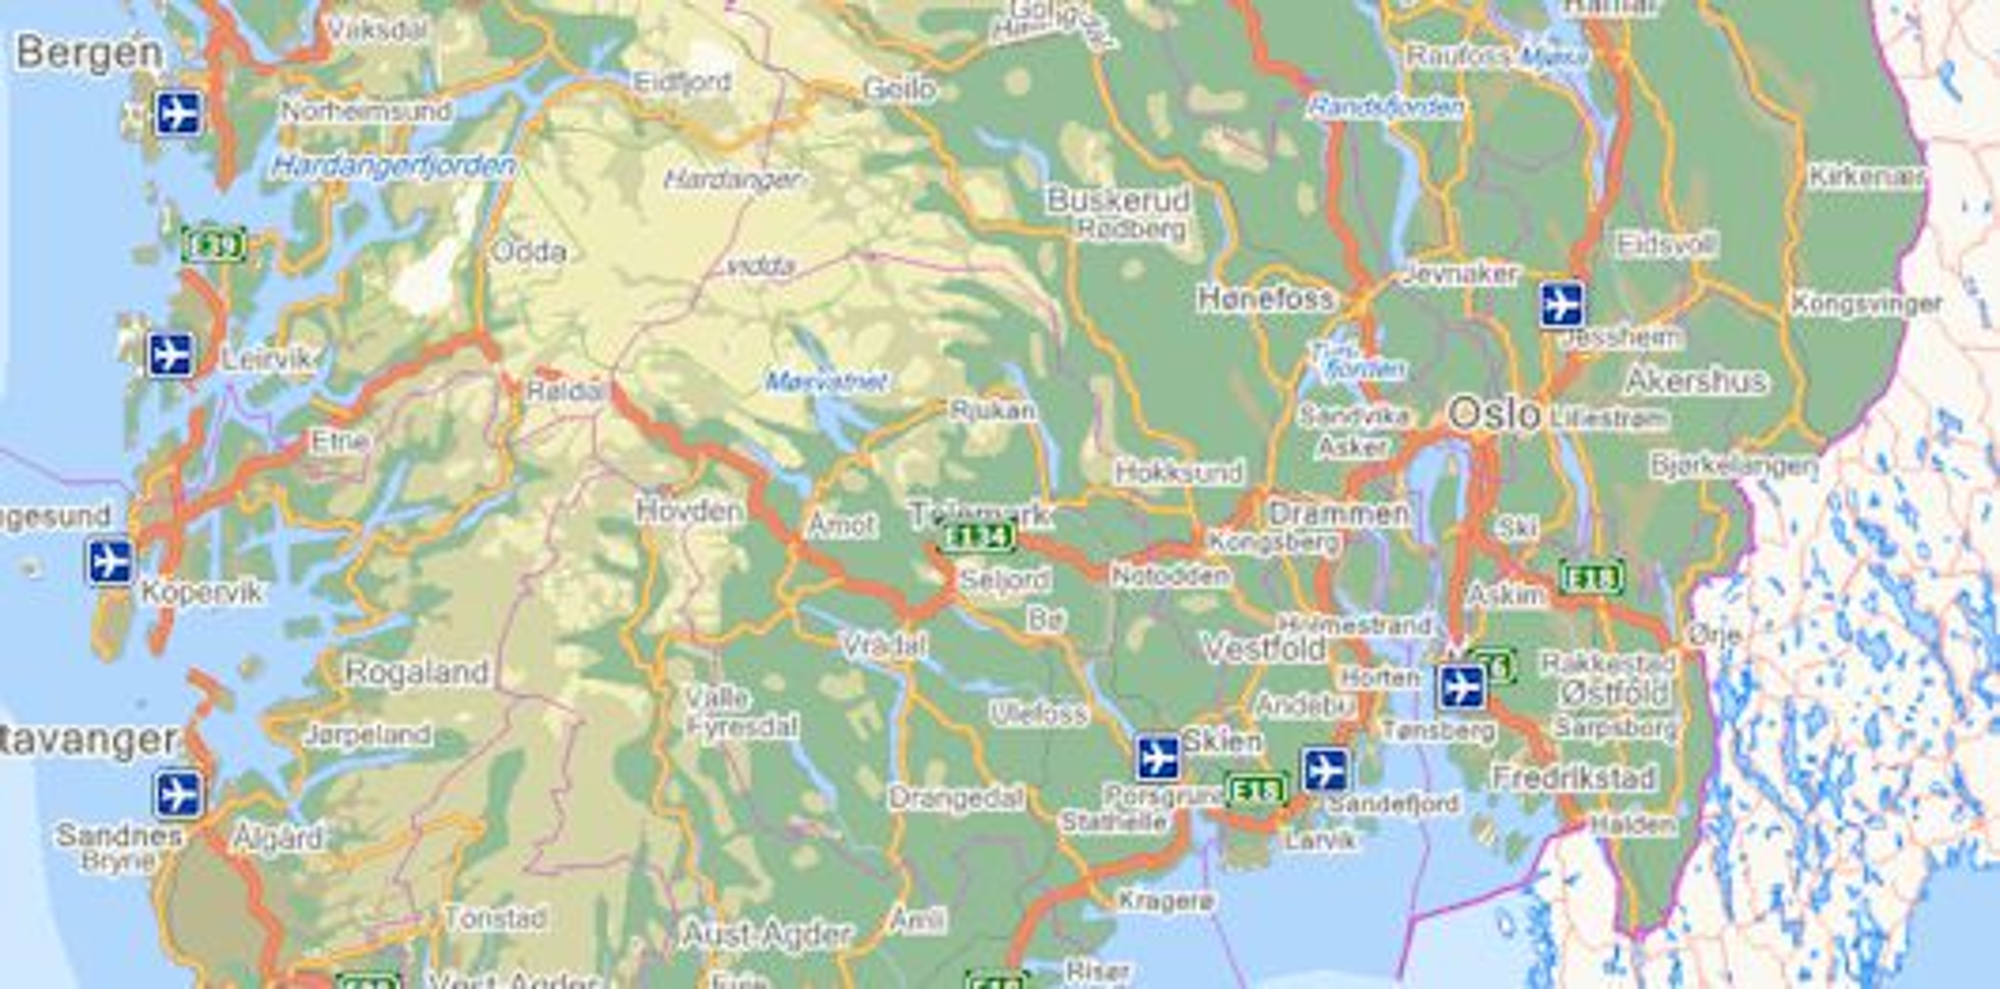 finn kart norge GUIDE: Kart på nettet Nettets mange karttjenester   Norge   Tek.no finn kart norge